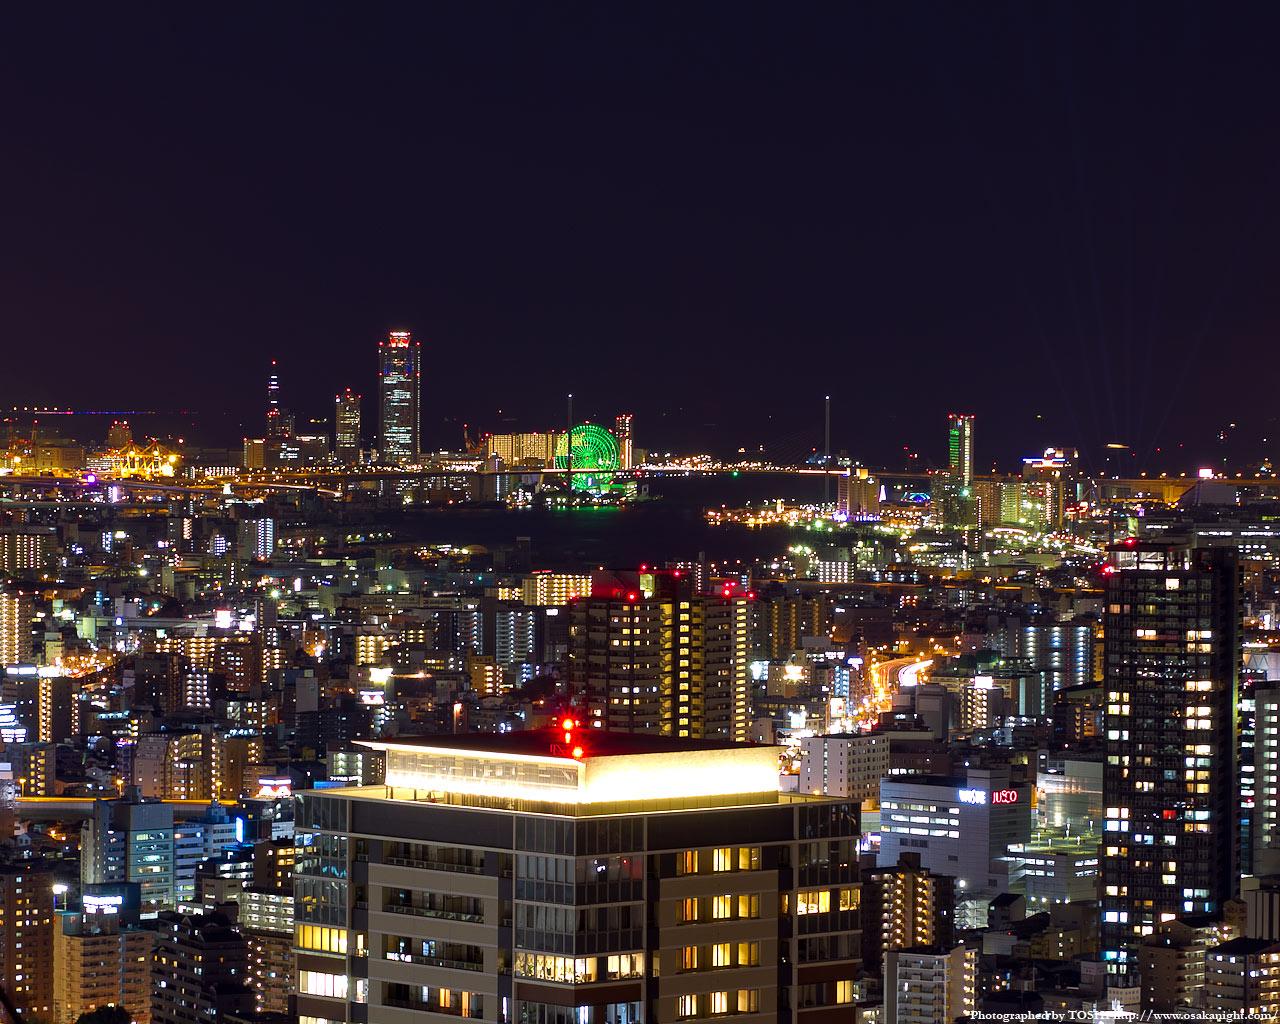 大阪南港〜ユニバーサルシティ方面の夜景